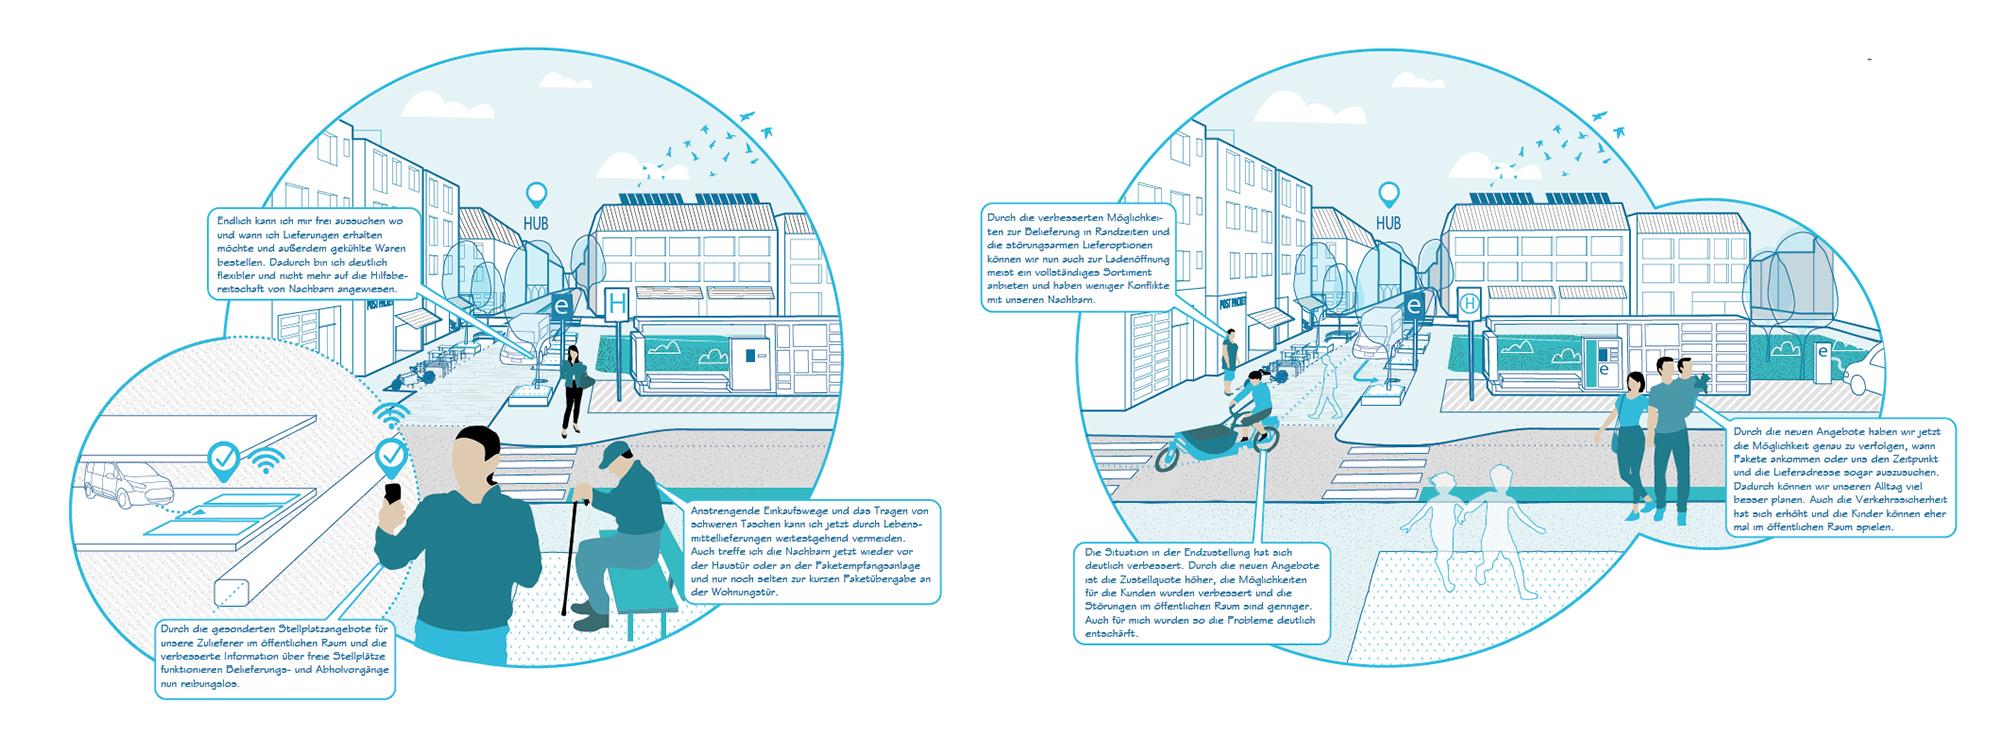 Urbane Logistik_Möbilität_Studie_IHK_Stadtforschung_Stadtraumqualität_Pesch Partner